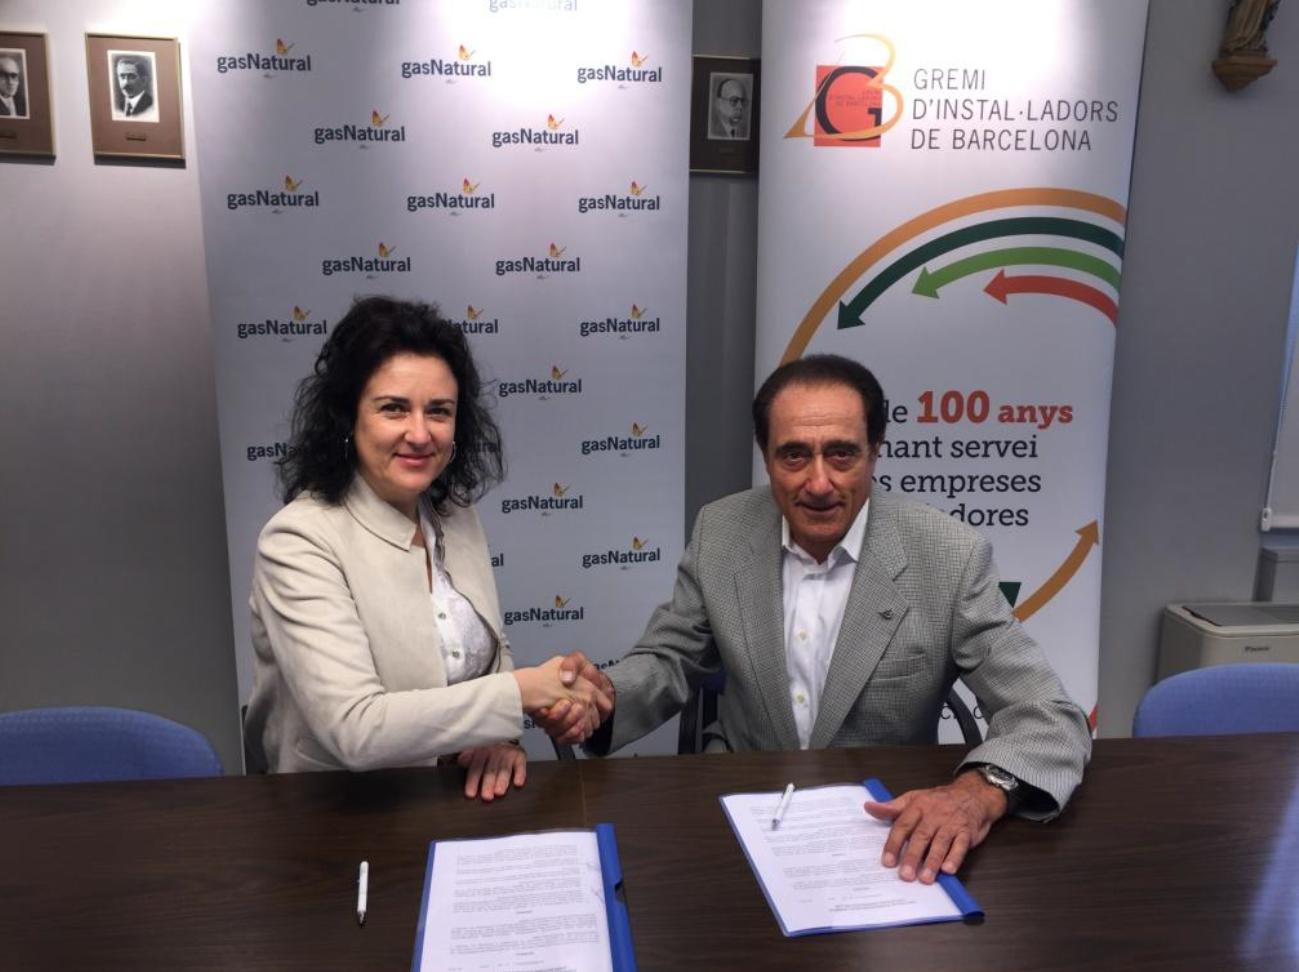 Conveni de col laboracio entre gremibcn i gas natural for Conveni col lectiu d oficines i despatxos